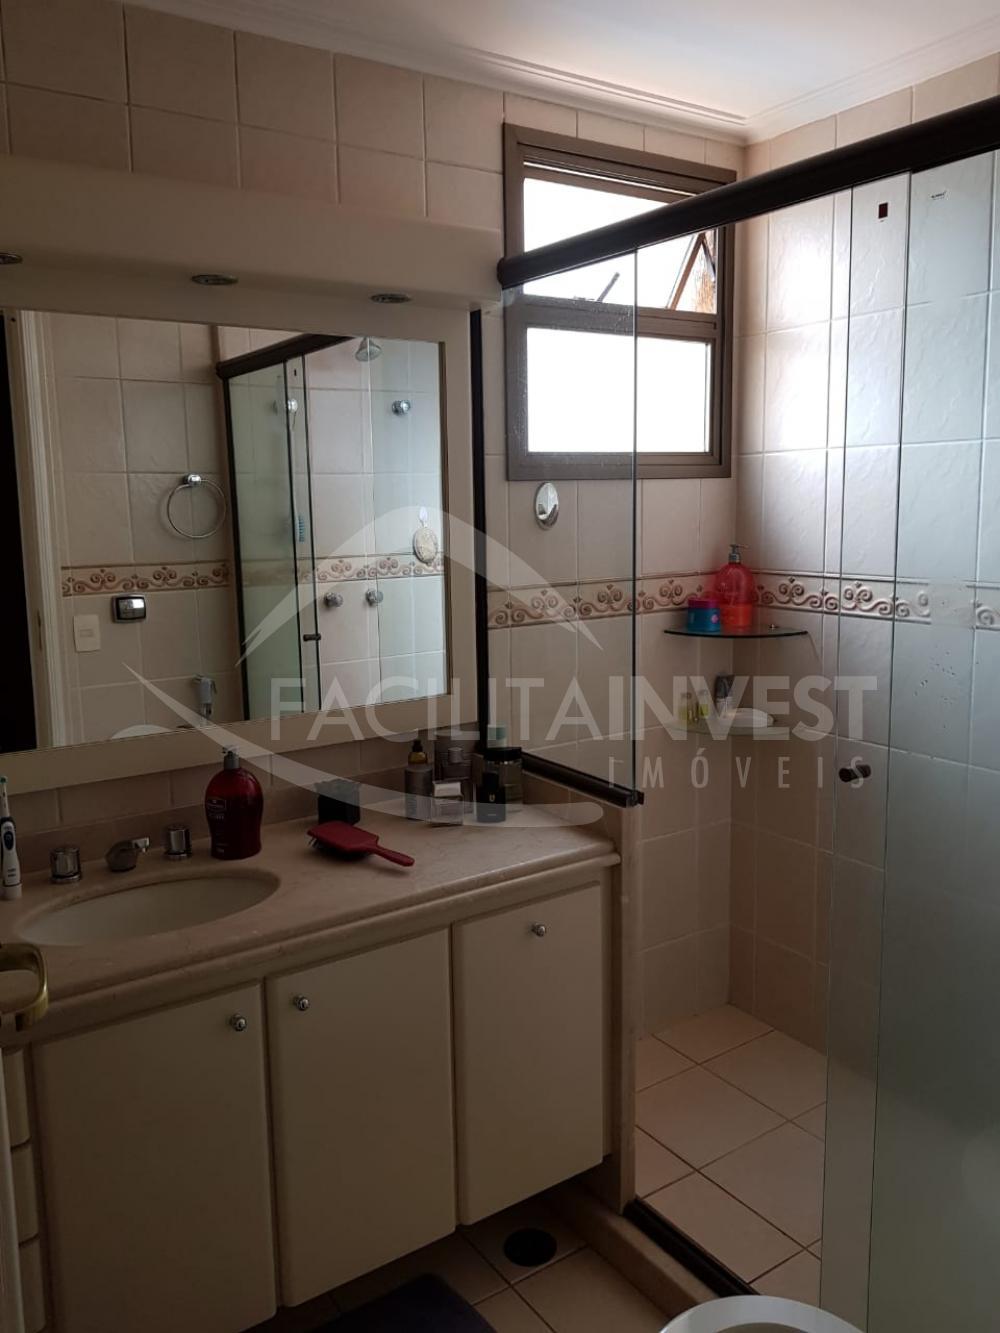 Comprar Apartamentos / Apart. Padrão em Ribeirão Preto apenas R$ 1.000.000,00 - Foto 22